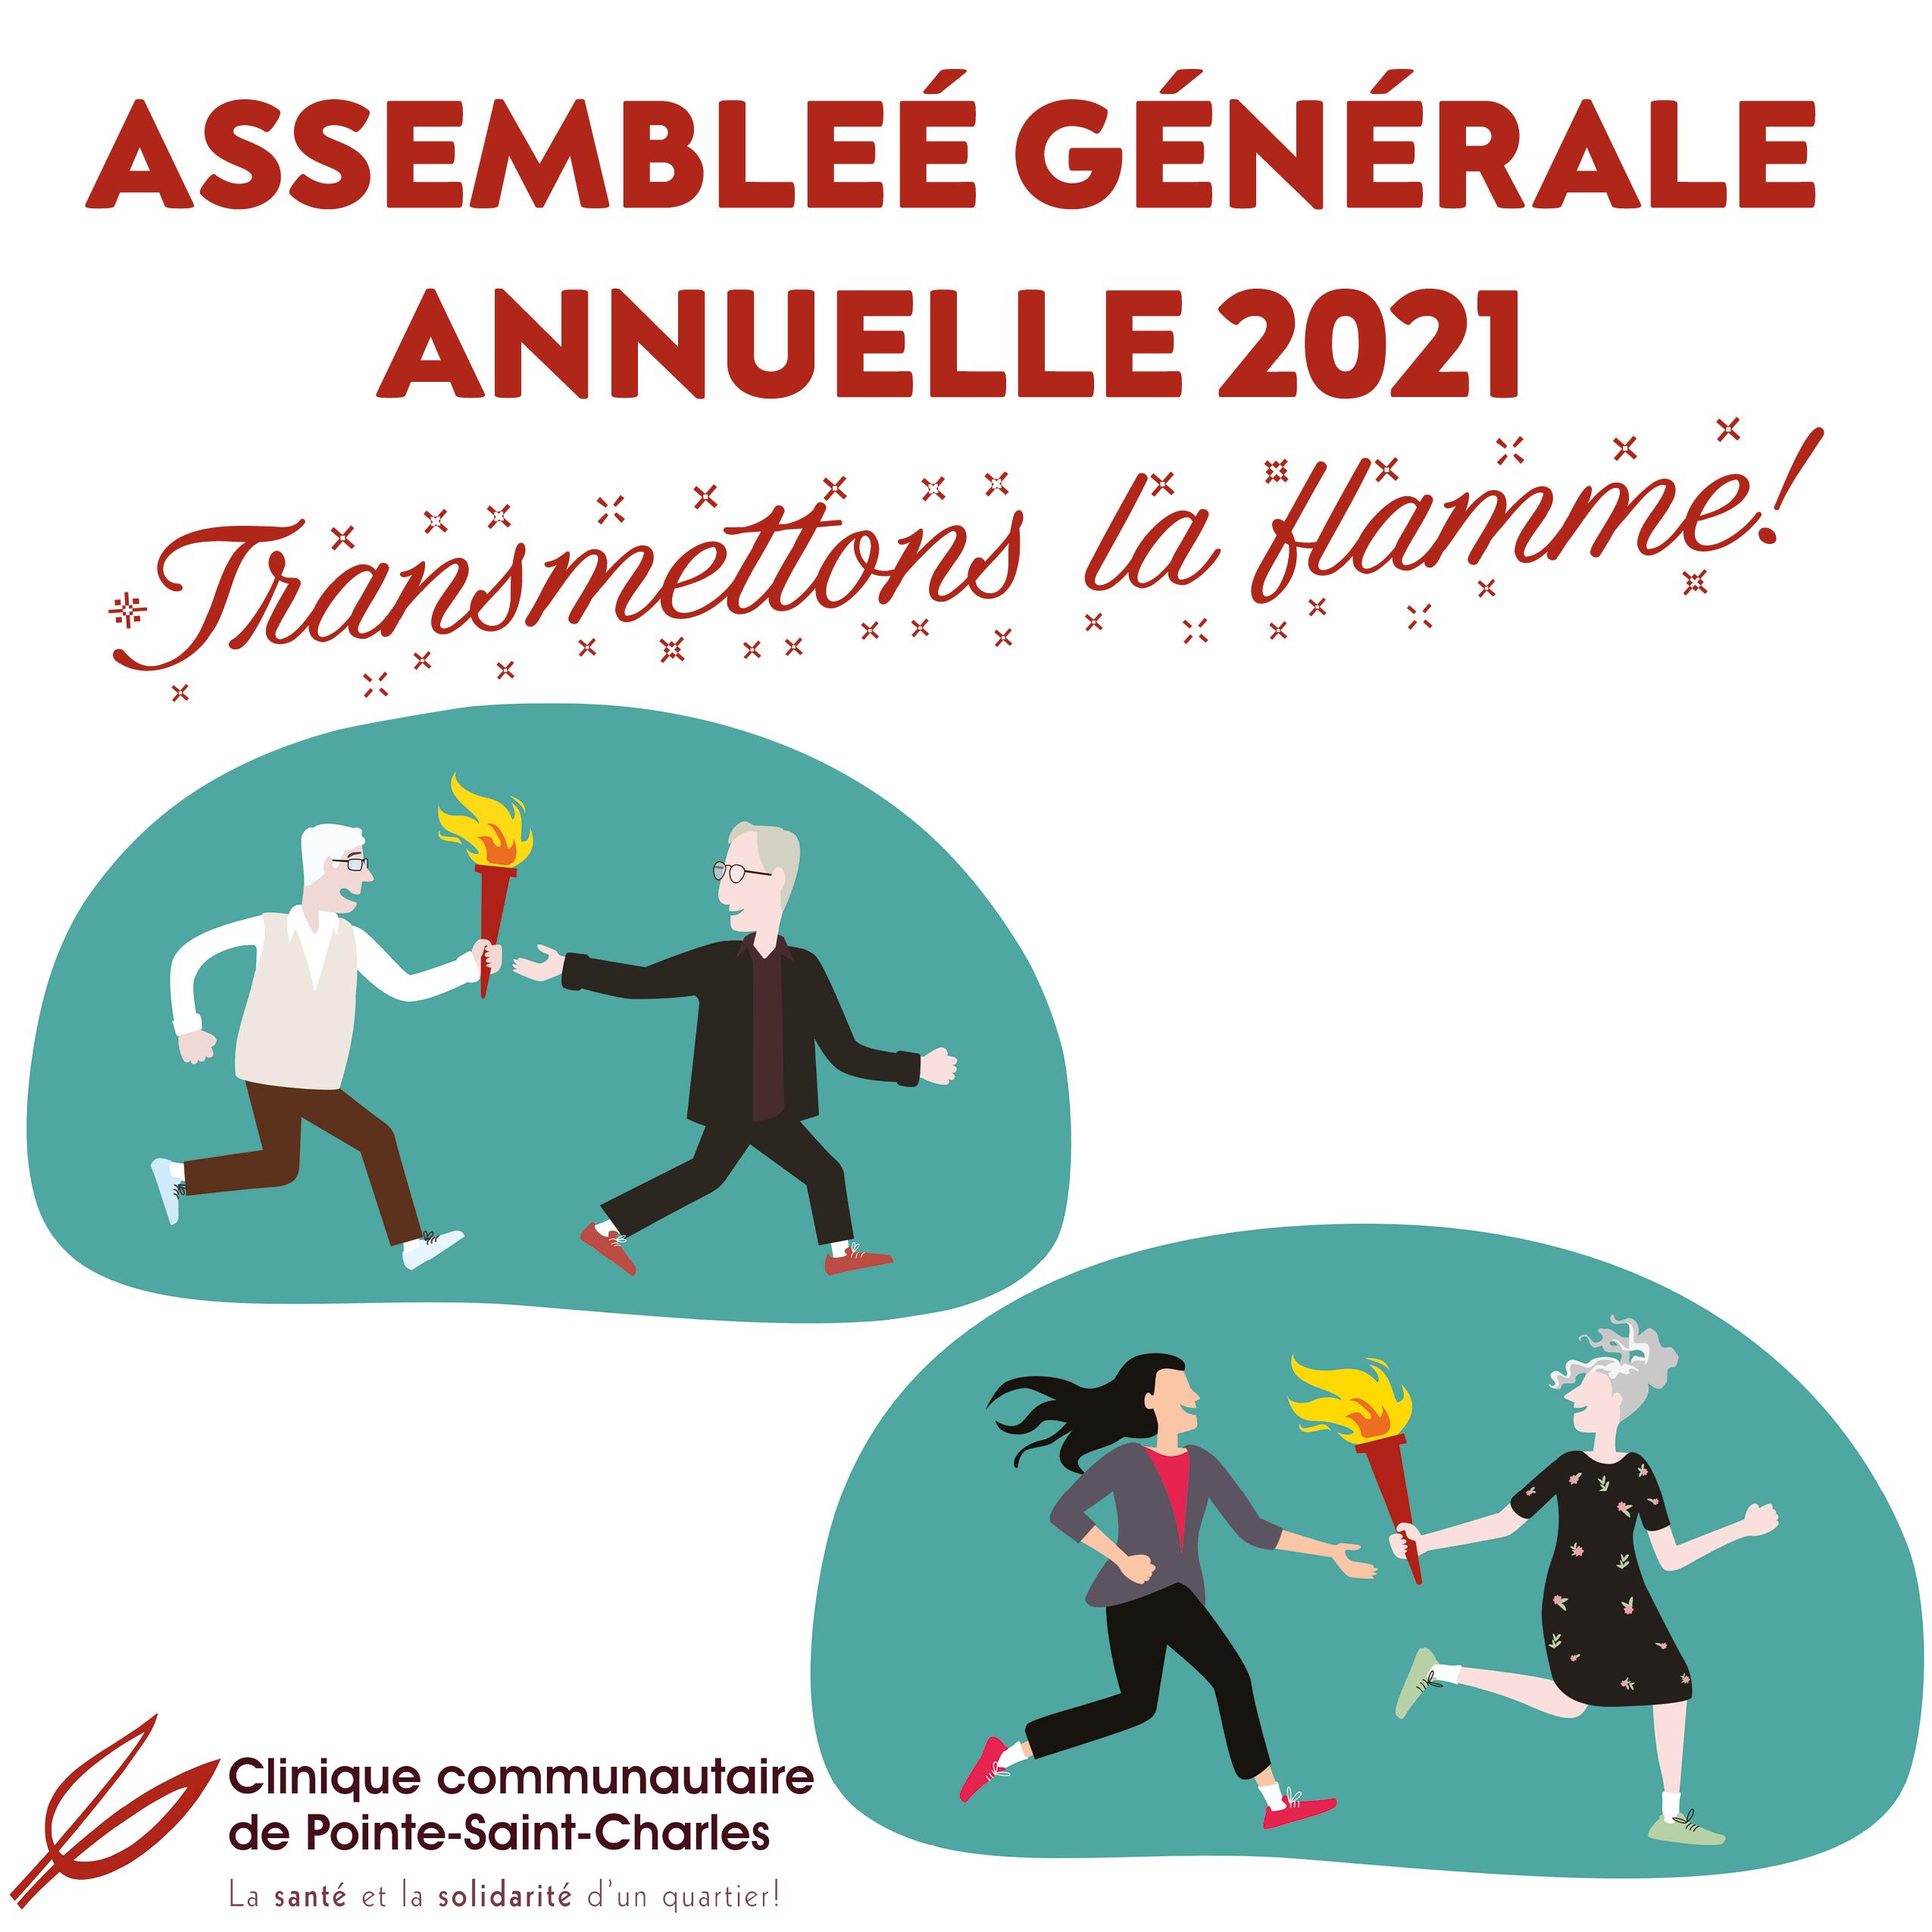 Assemblée générale annuelle: transmettons la flamme!